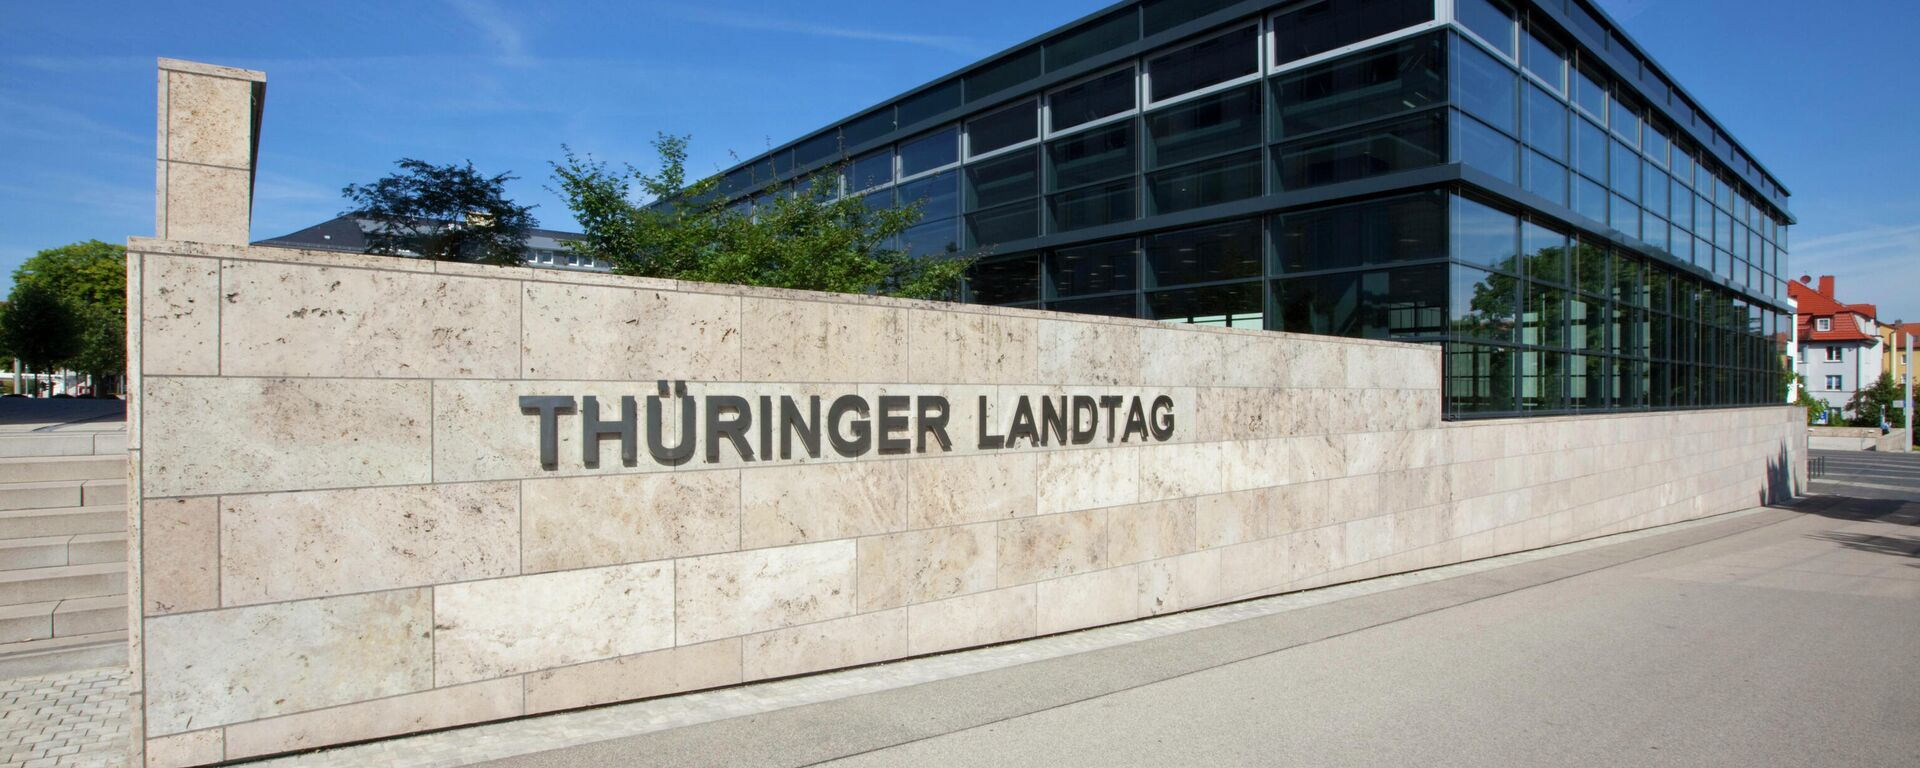 Thüringer Landtag in Erfurt - SNA, 1920, 26.07.2021